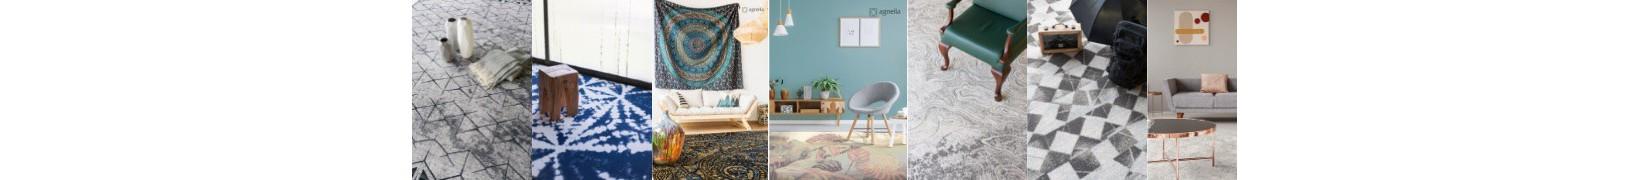 Dywany wełniane owalne. ŚliczneDywany.pl - najdłużej działający sklep online w Polsce! Dywany Toruń